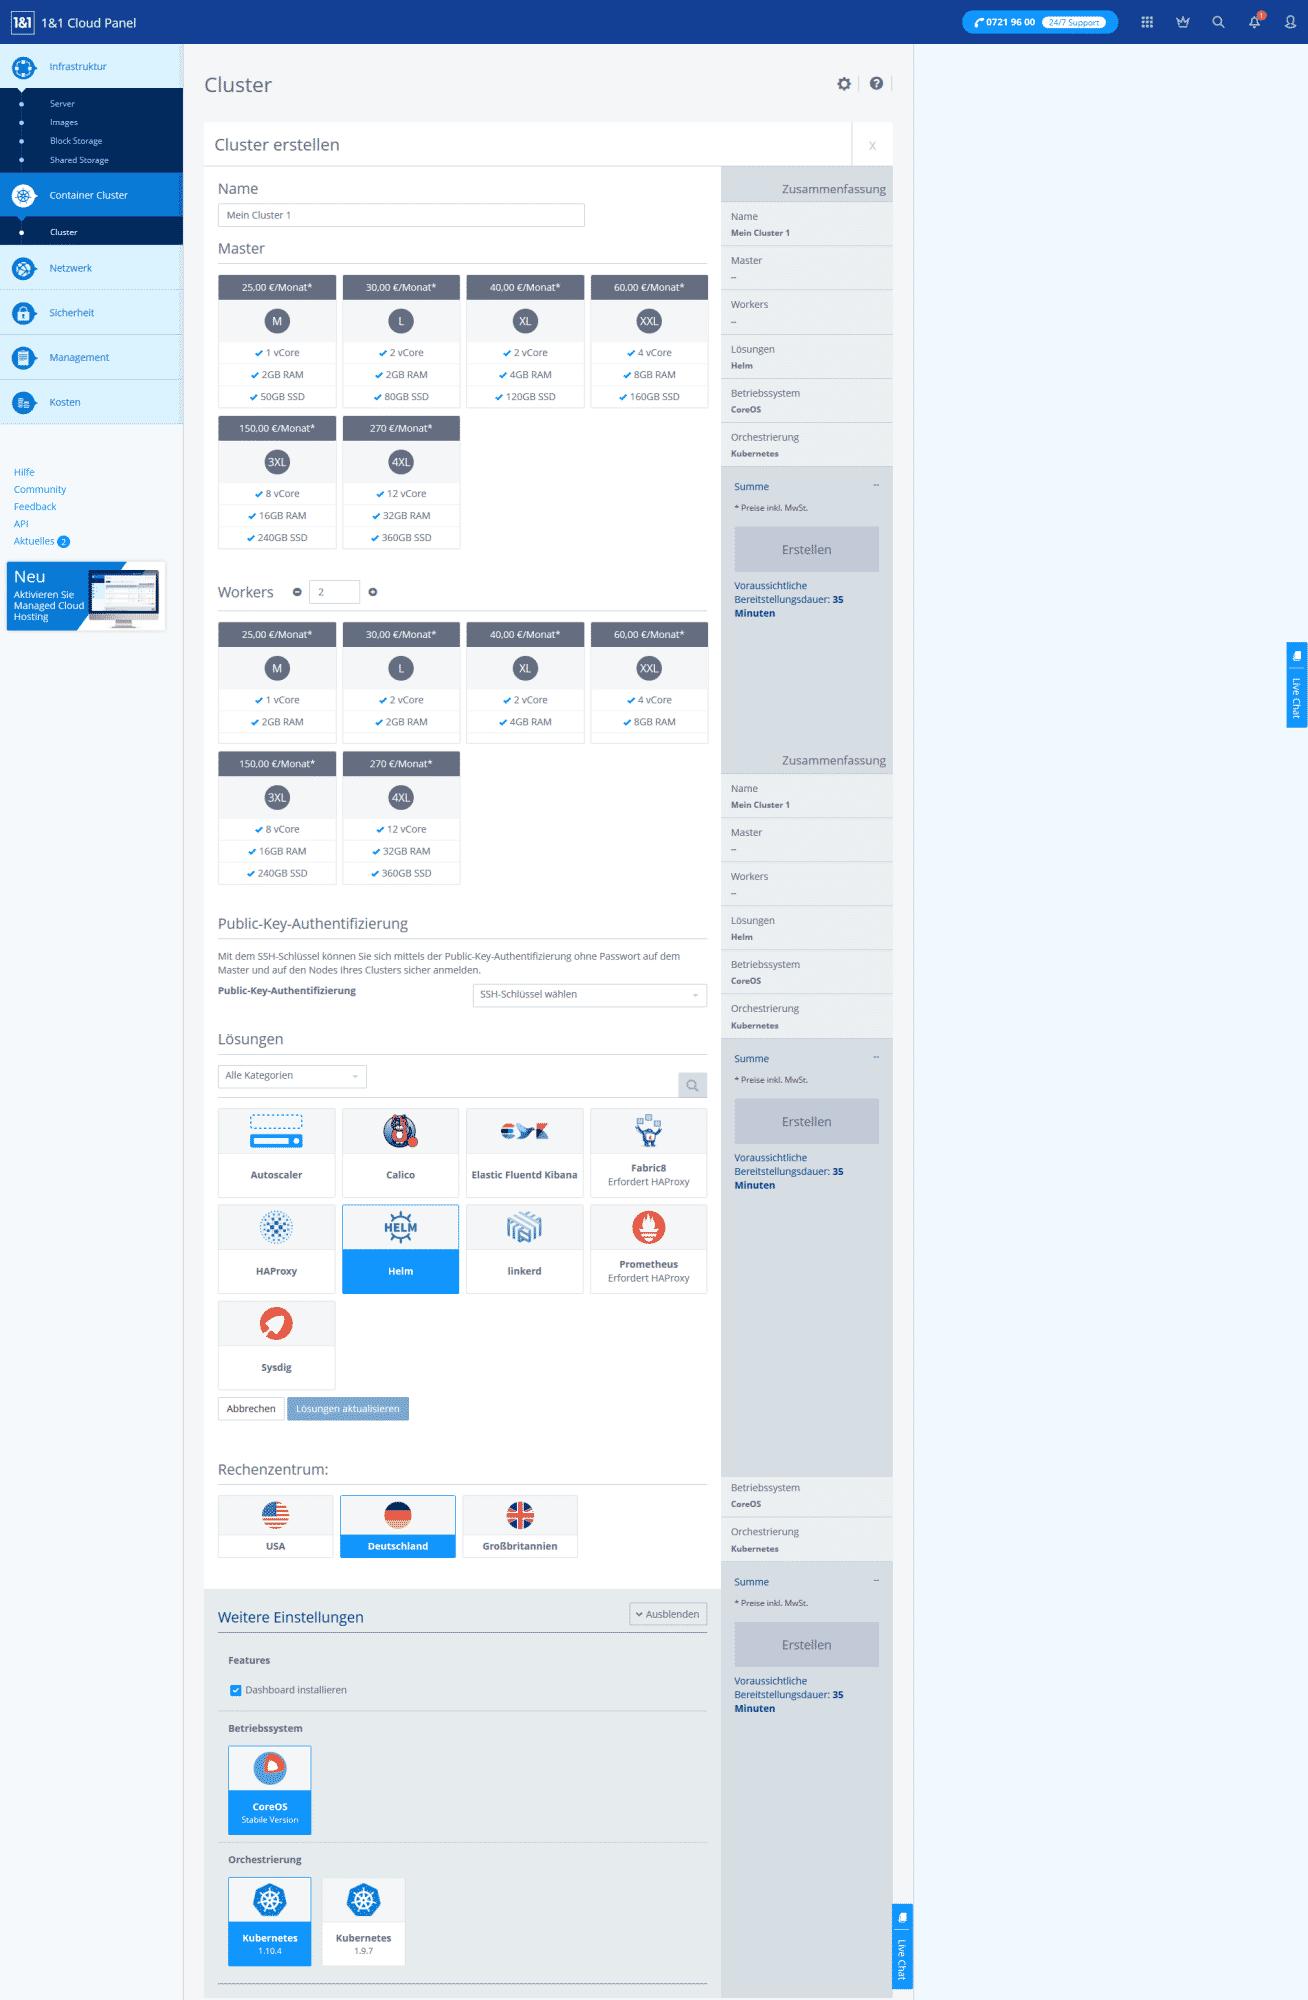 Cloud-Panel zum Erstellen von Clustern